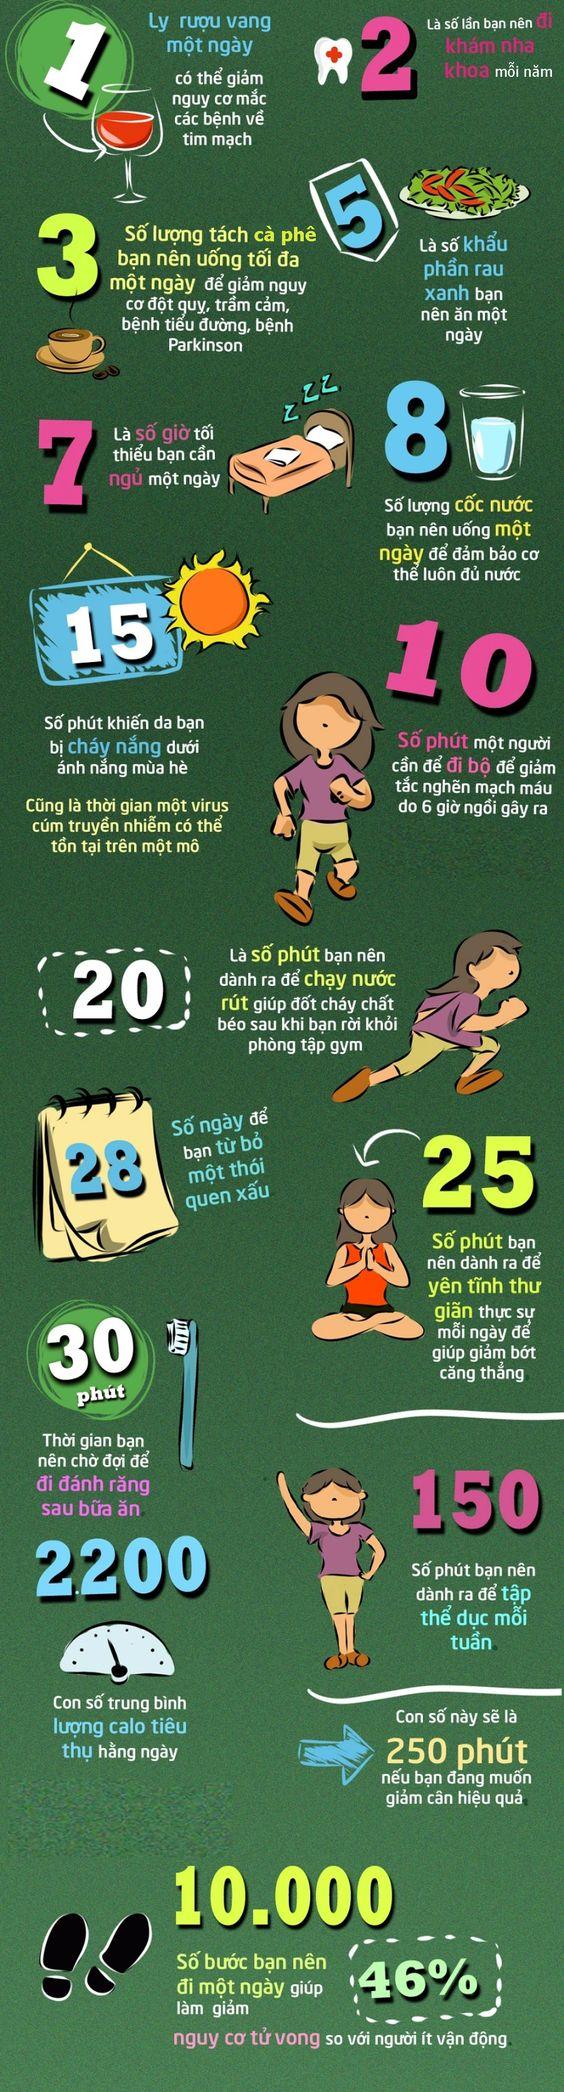 Tin Sức Khỏe Những con số vàng giúp bạn khỏe người đẹp dáng